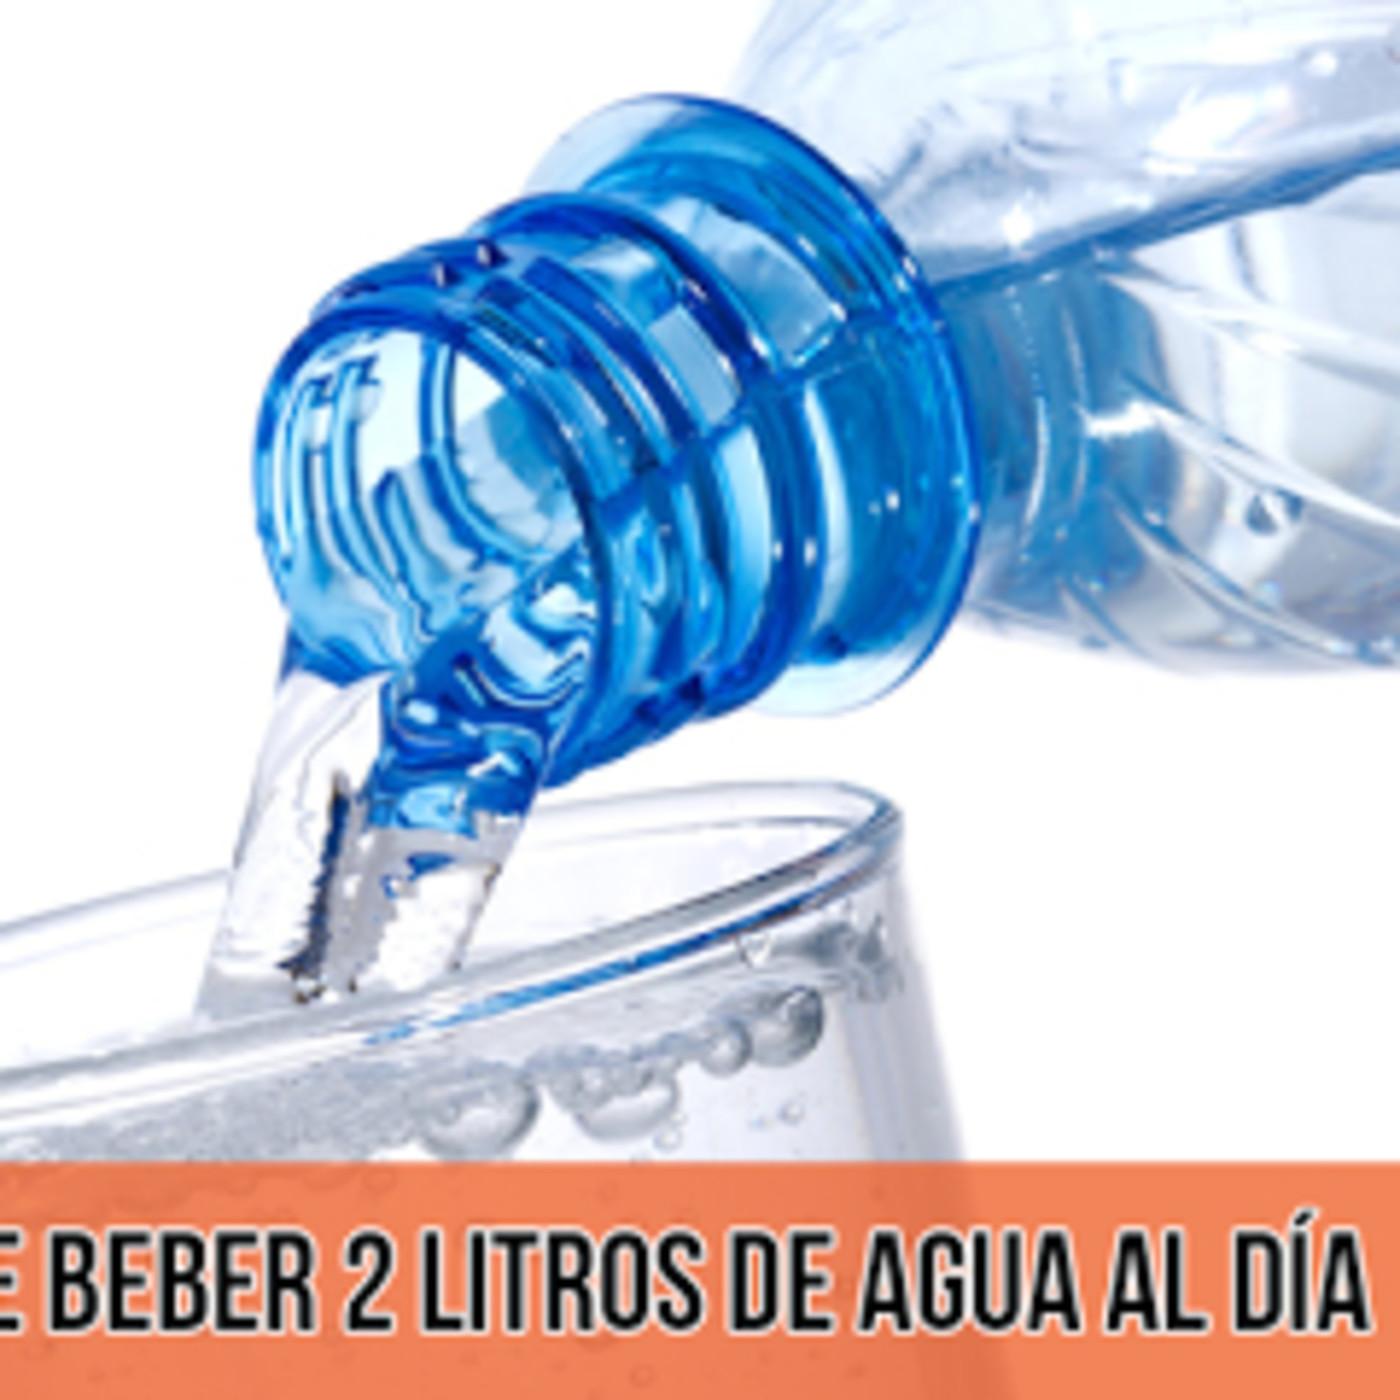 El Mito de Beber 2 Libros de Agua al Día - José María Puya